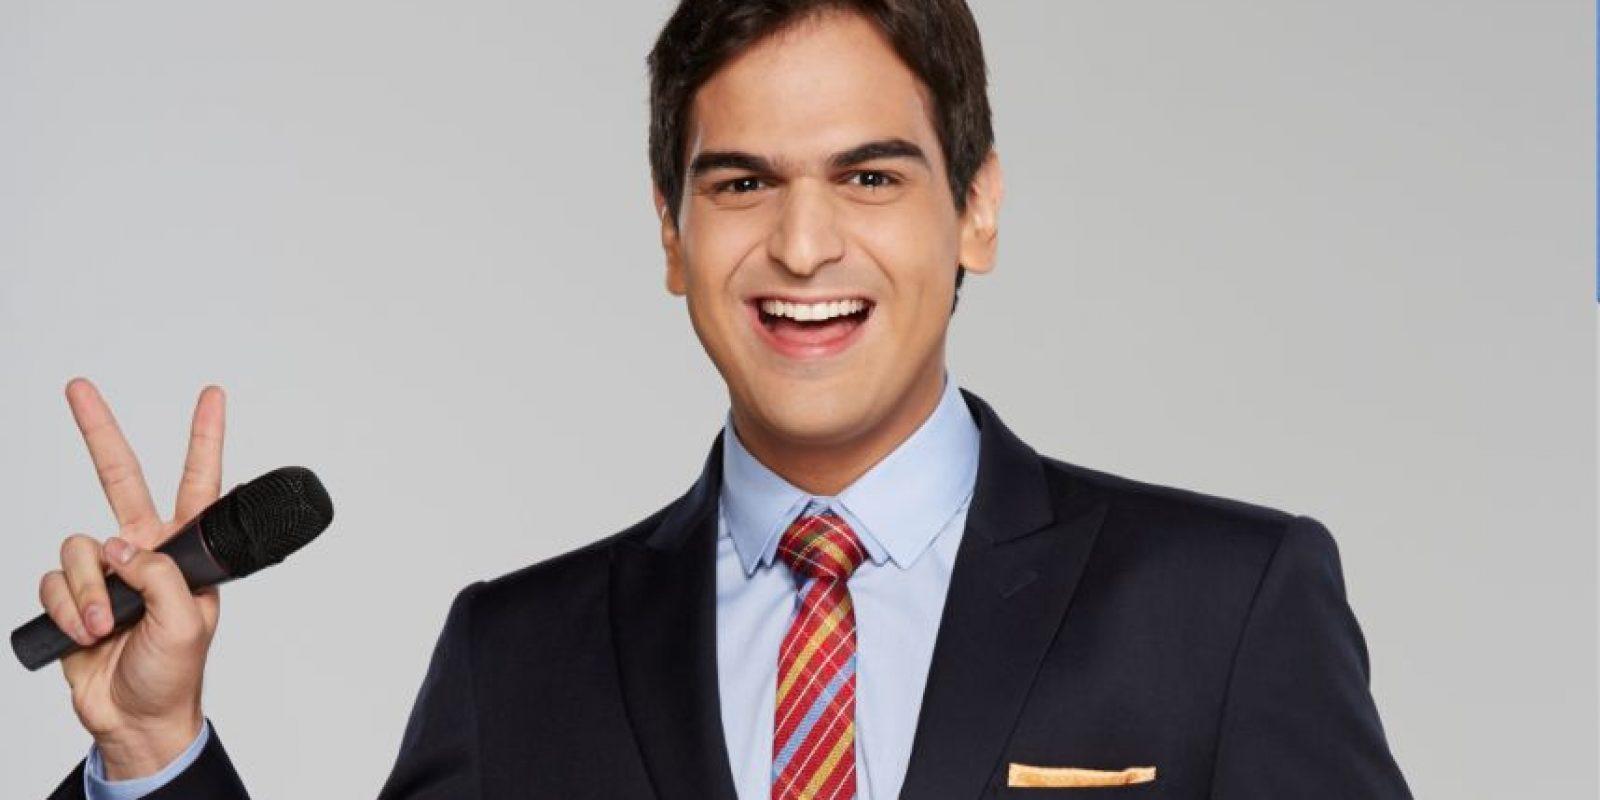 Alejandro Palacio se dio a conocer como Rafael Orozco 'El Binomio de Oro', cuando lo interpretó en la exitosa telenovela del Canal Caracol, pero luego de eso, lo vimos como conductor del reality show La voz, en sus tres versiones, que le convirtió en uno de los más exitosos de la televisión nacional. Alejandro es además cantante y tiene un disco.